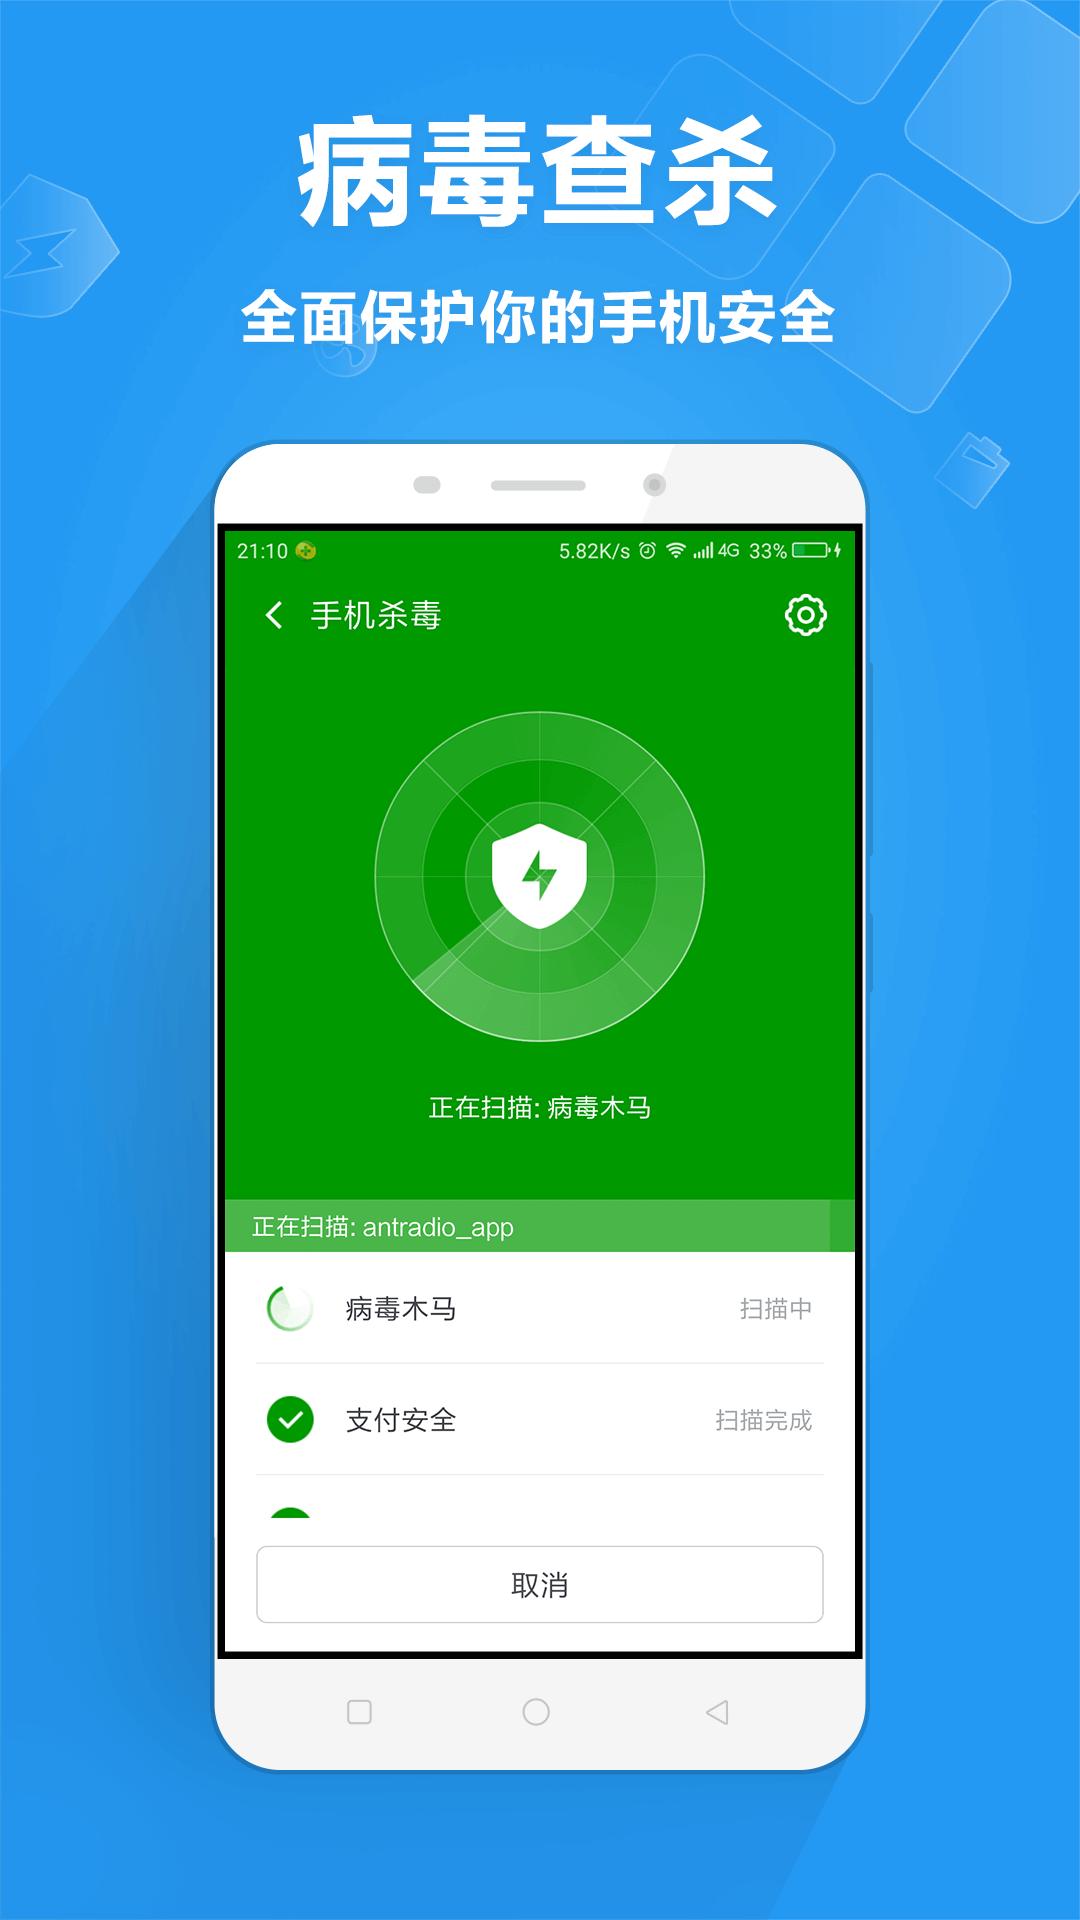 360手机卫士-一键连免费wifi v7.7.4